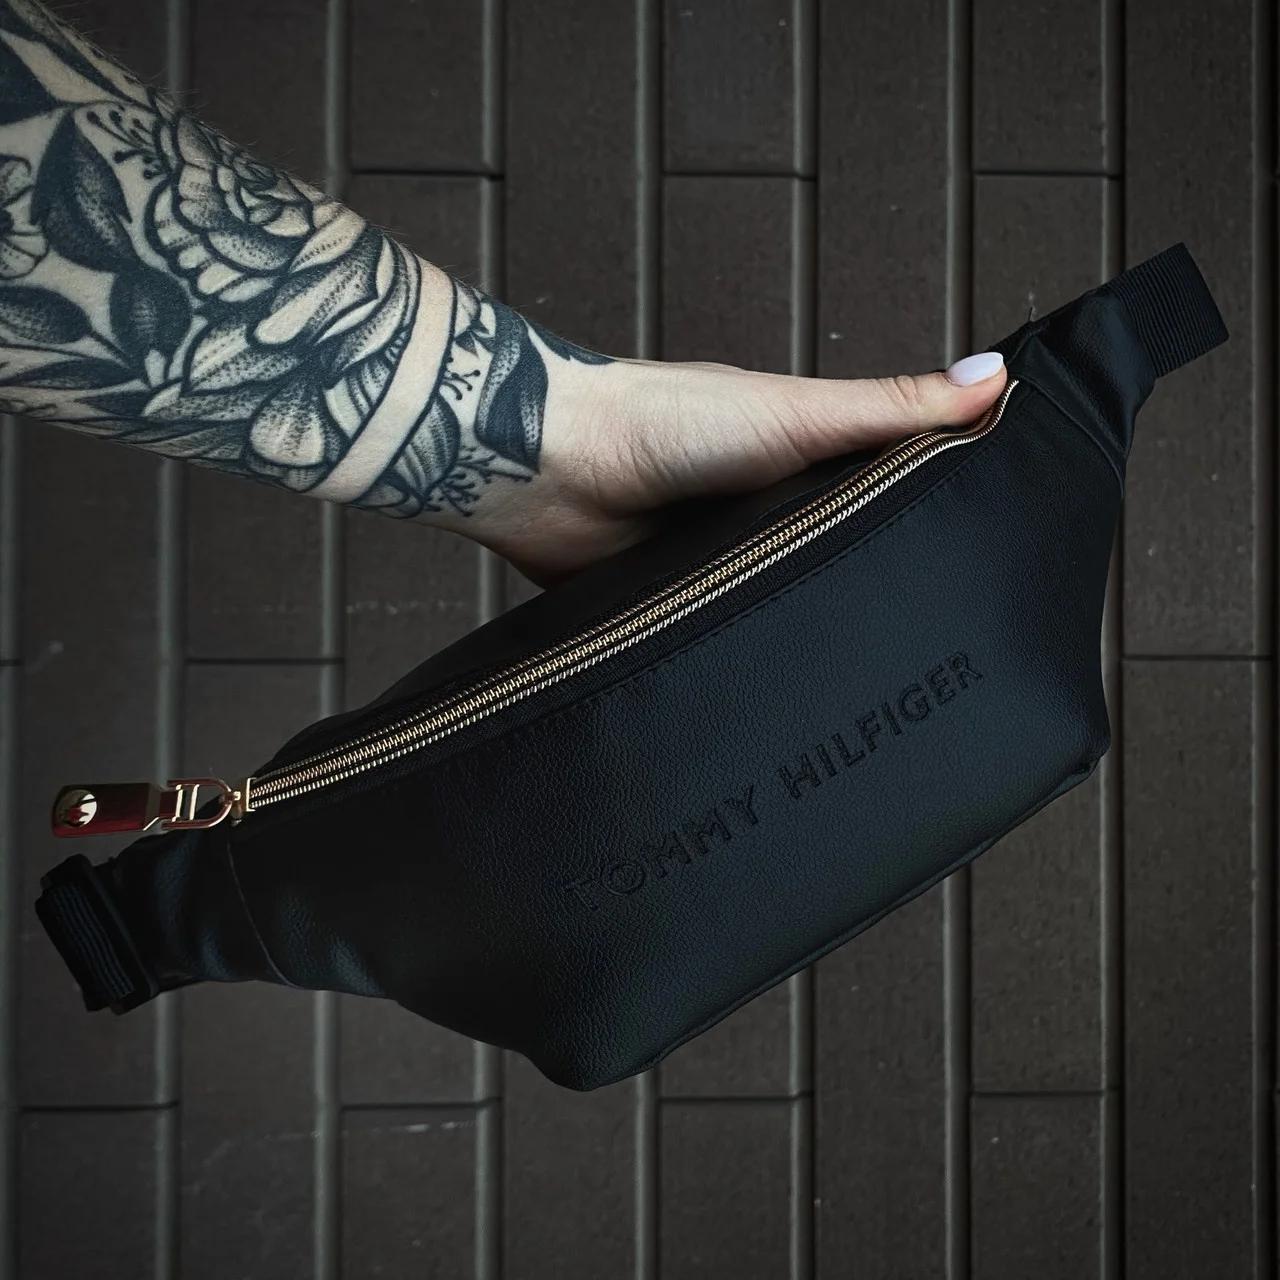 Бананка мужская кожаная Tommy Hilfiger black / сумка на пояс размеры 22х11х9см.